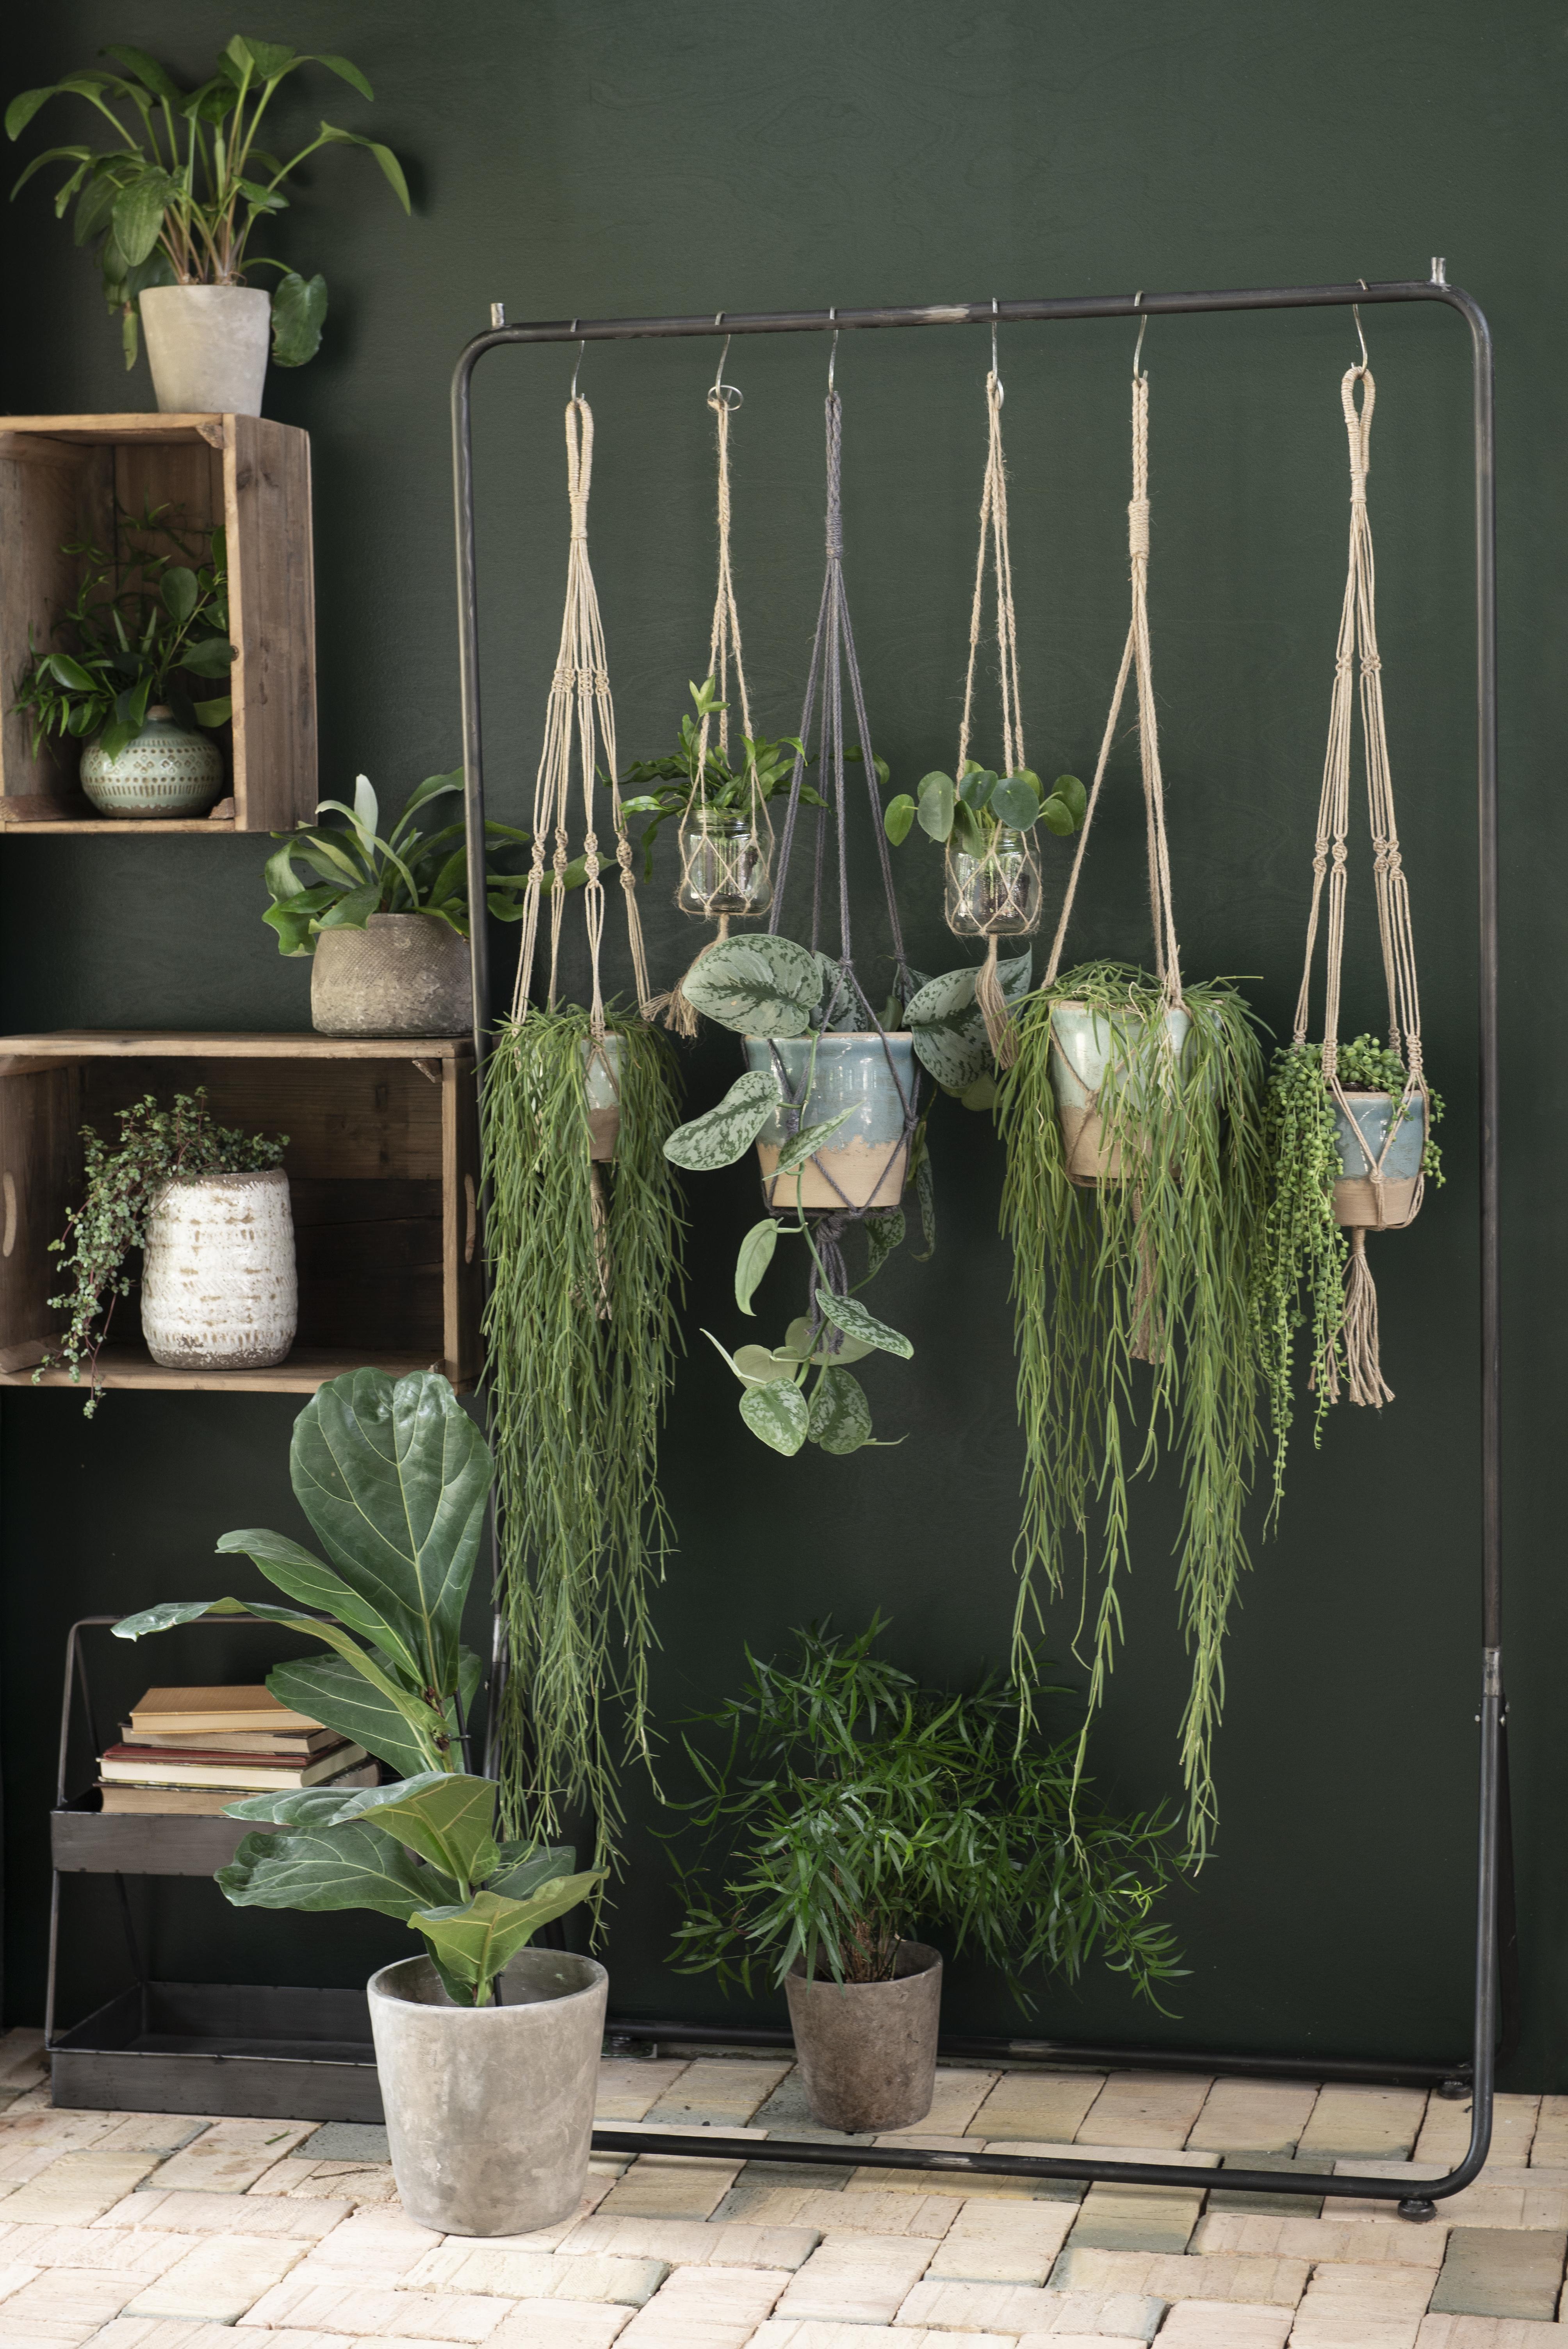 Ak chcete bývať podľa najnovších trendov, rozhodne by ste mali mať doma dostatok izbových rastlín